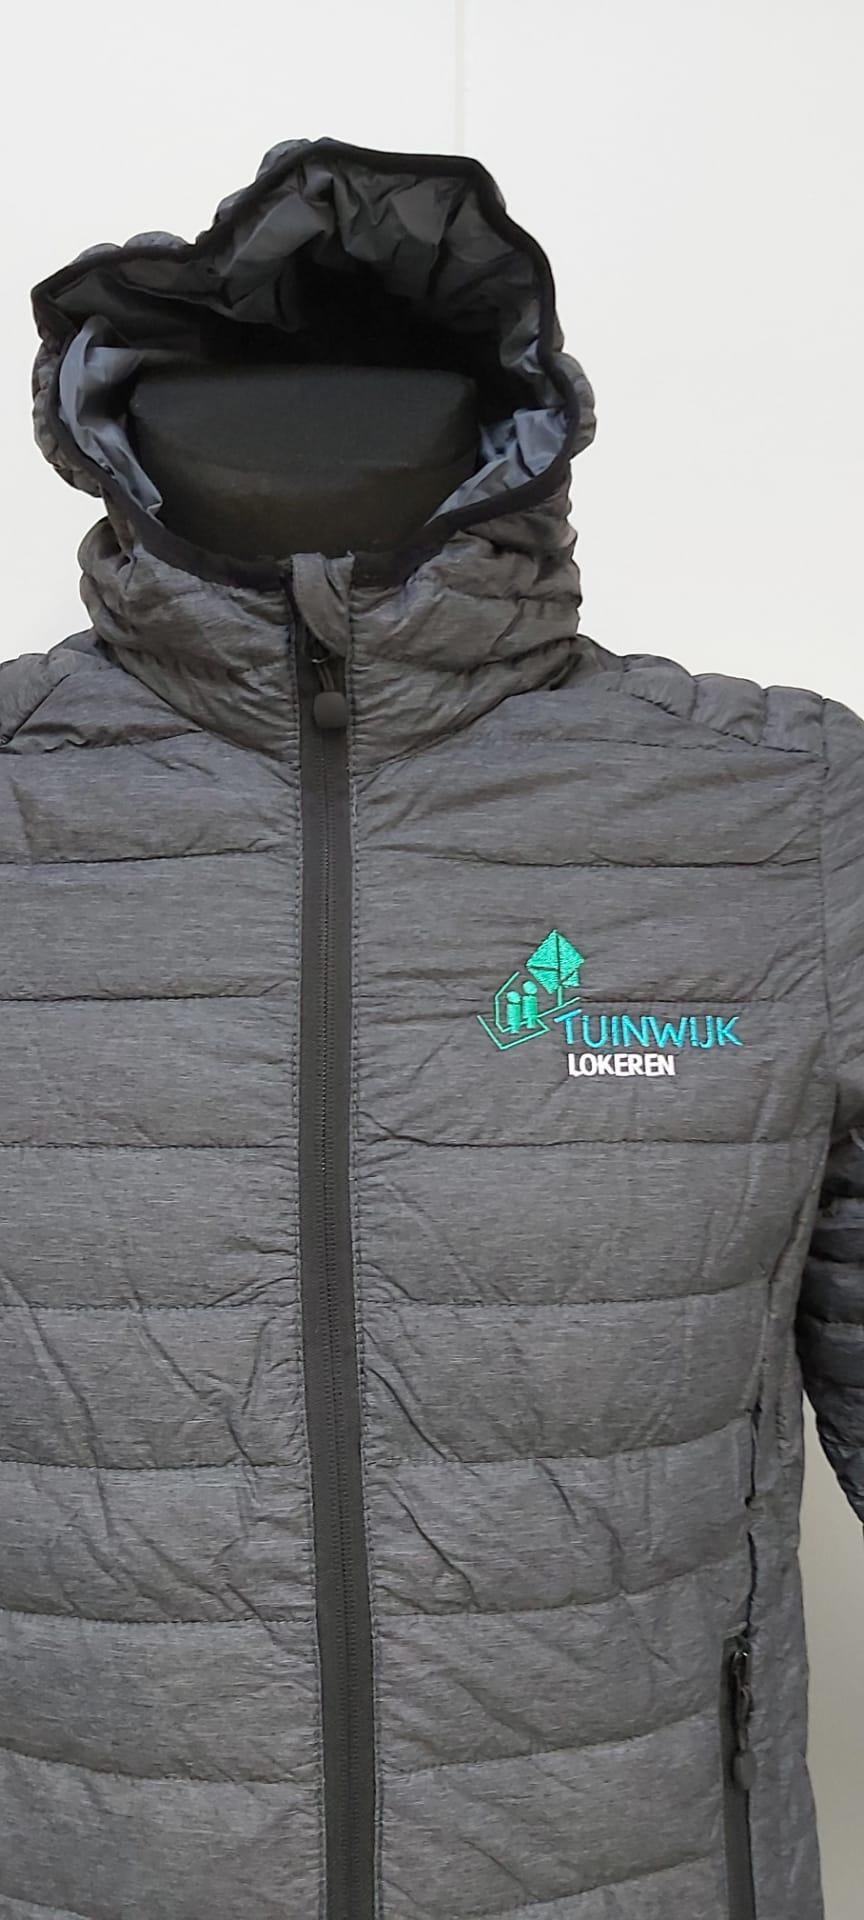 geborduurd logo Tuinwijk Lokeren